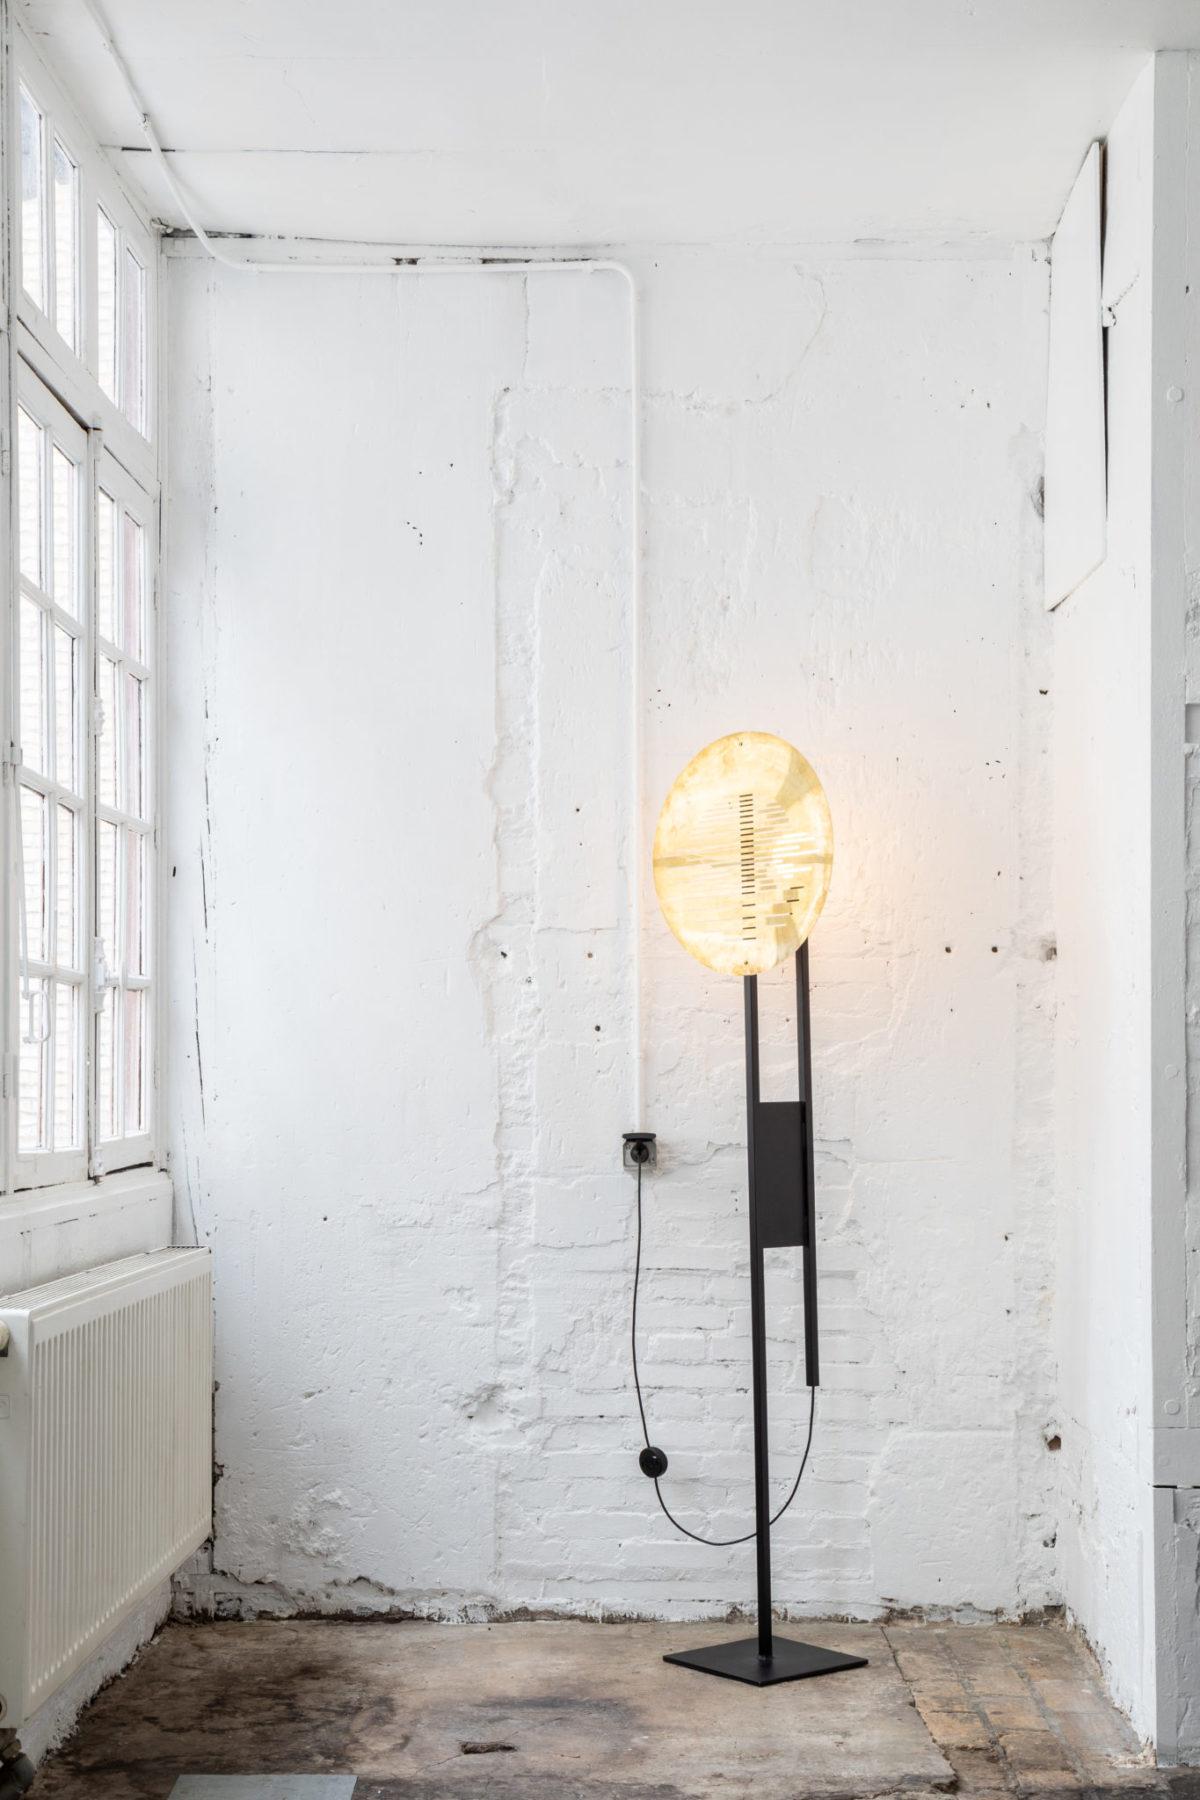 Lampe à poser sur mesure acier avec abat-jour en laiton. Design par Louis Denavaut. Vue allumée